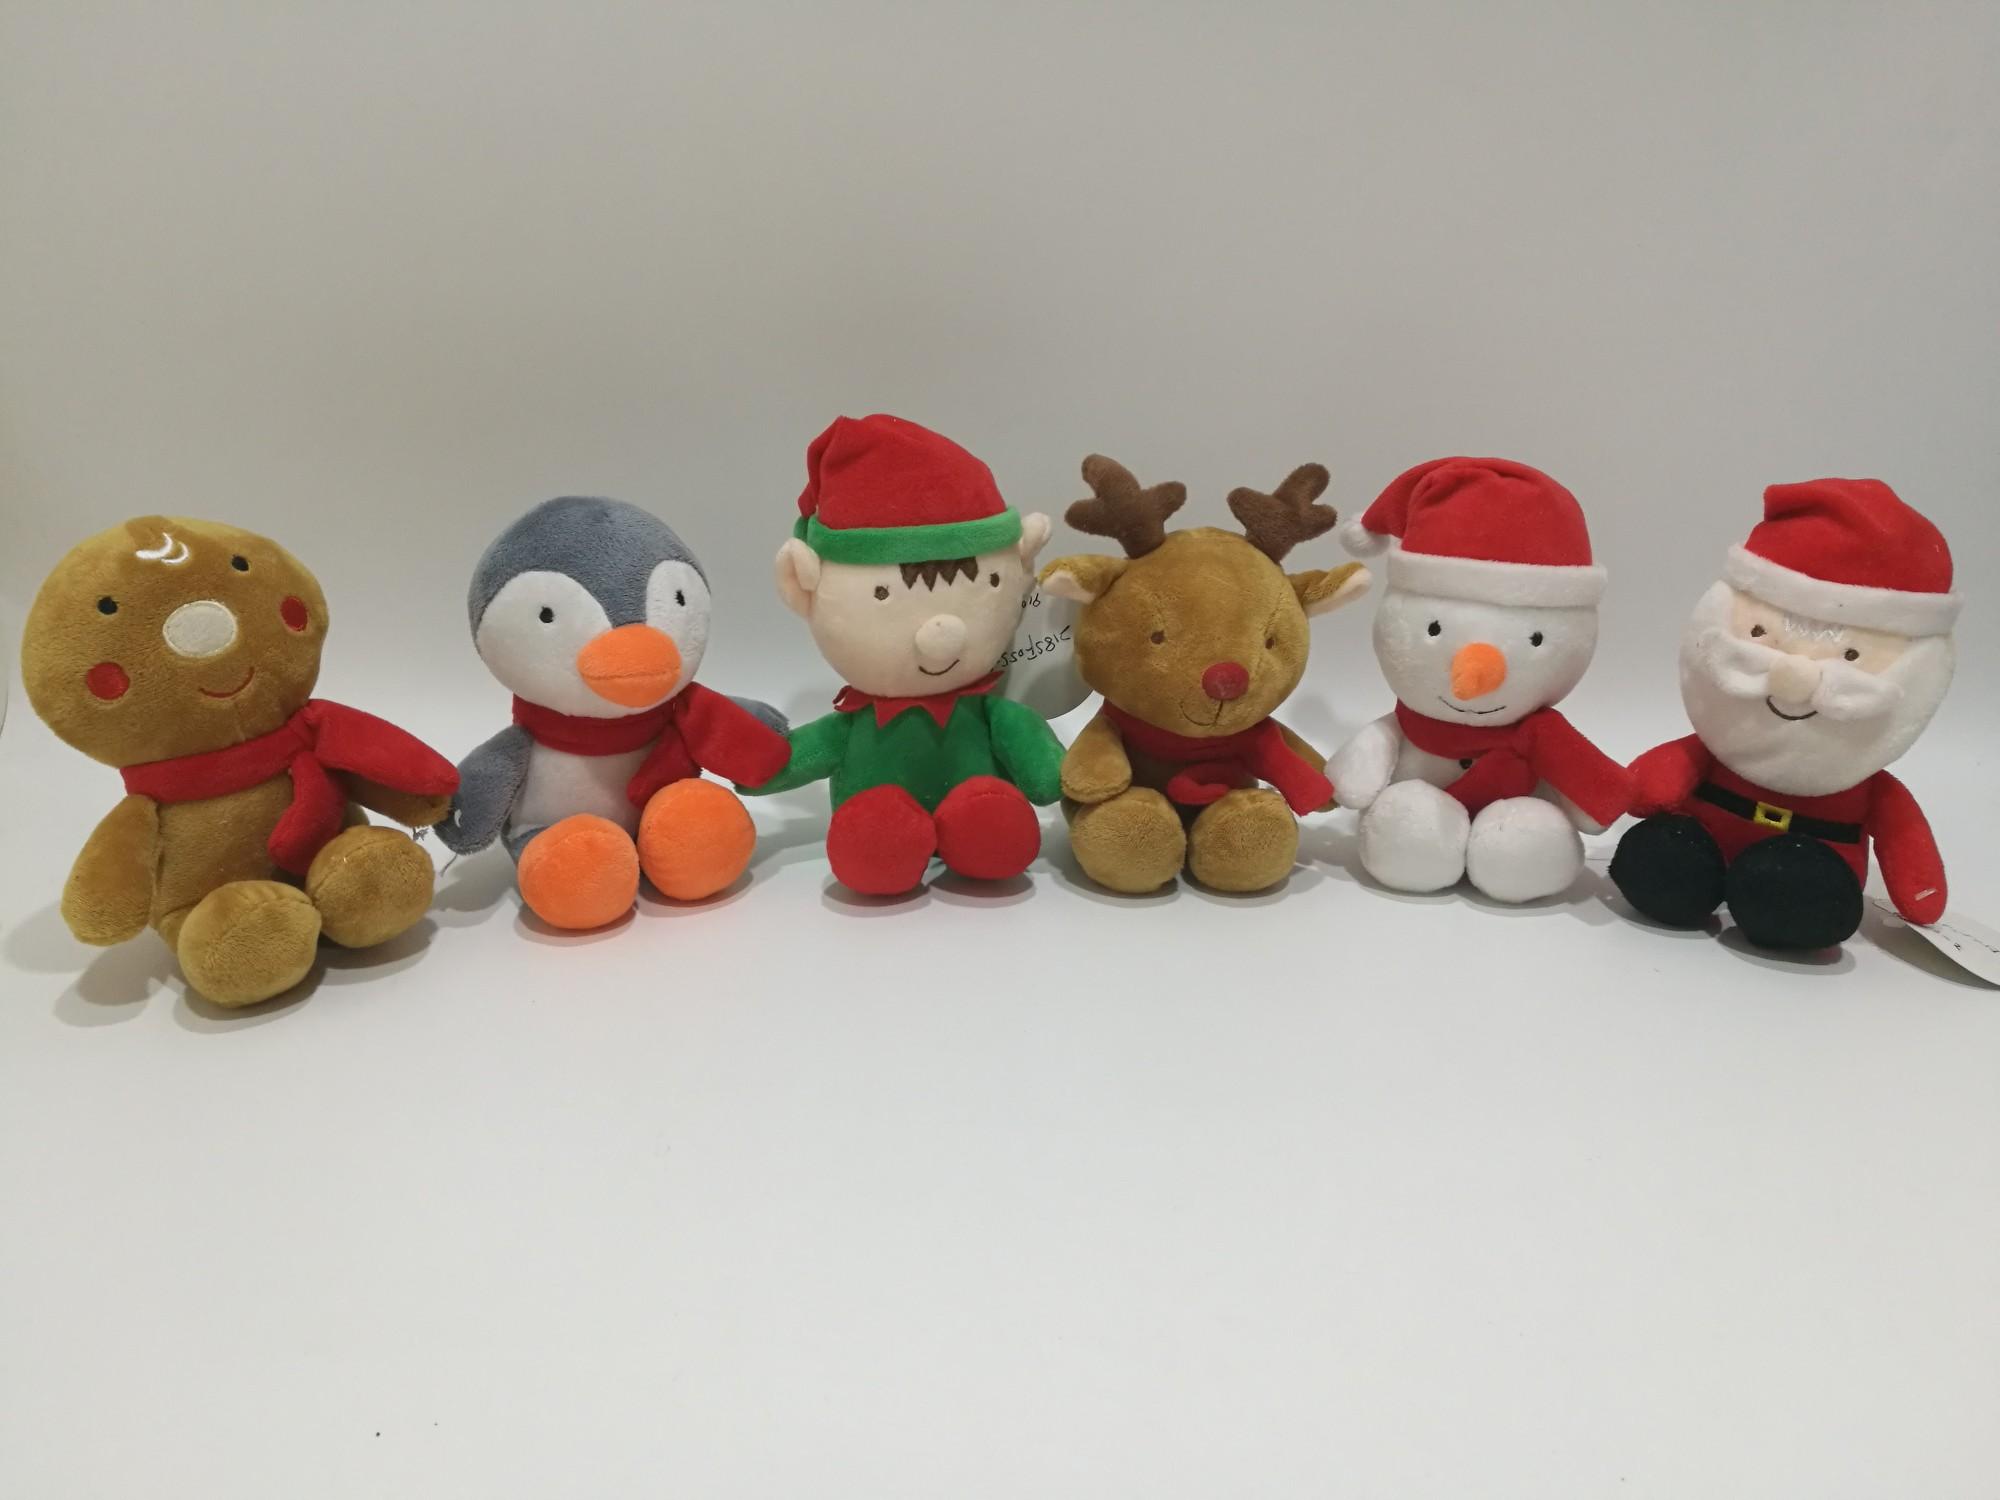 купить Оптовые крошечные милые плюшевые игрушки Санта-Клауса украшения плюшевые игрушки,Оптовые крошечные милые плюшевые игрушки Санта-Клауса украшения плюшевые игрушки цена,Оптовые крошечные милые плюшевые игрушки Санта-Клауса украшения плюшевые игрушки бренды,Оптовые крошечные милые плюшевые игрушки Санта-Клауса украшения плюшевые игрушки производитель;Оптовые крошечные милые плюшевые игрушки Санта-Клауса украшения плюшевые игрушки Цитаты;Оптовые крошечные милые плюшевые игрушки Санта-Клауса украшения плюшевые игрушки компания